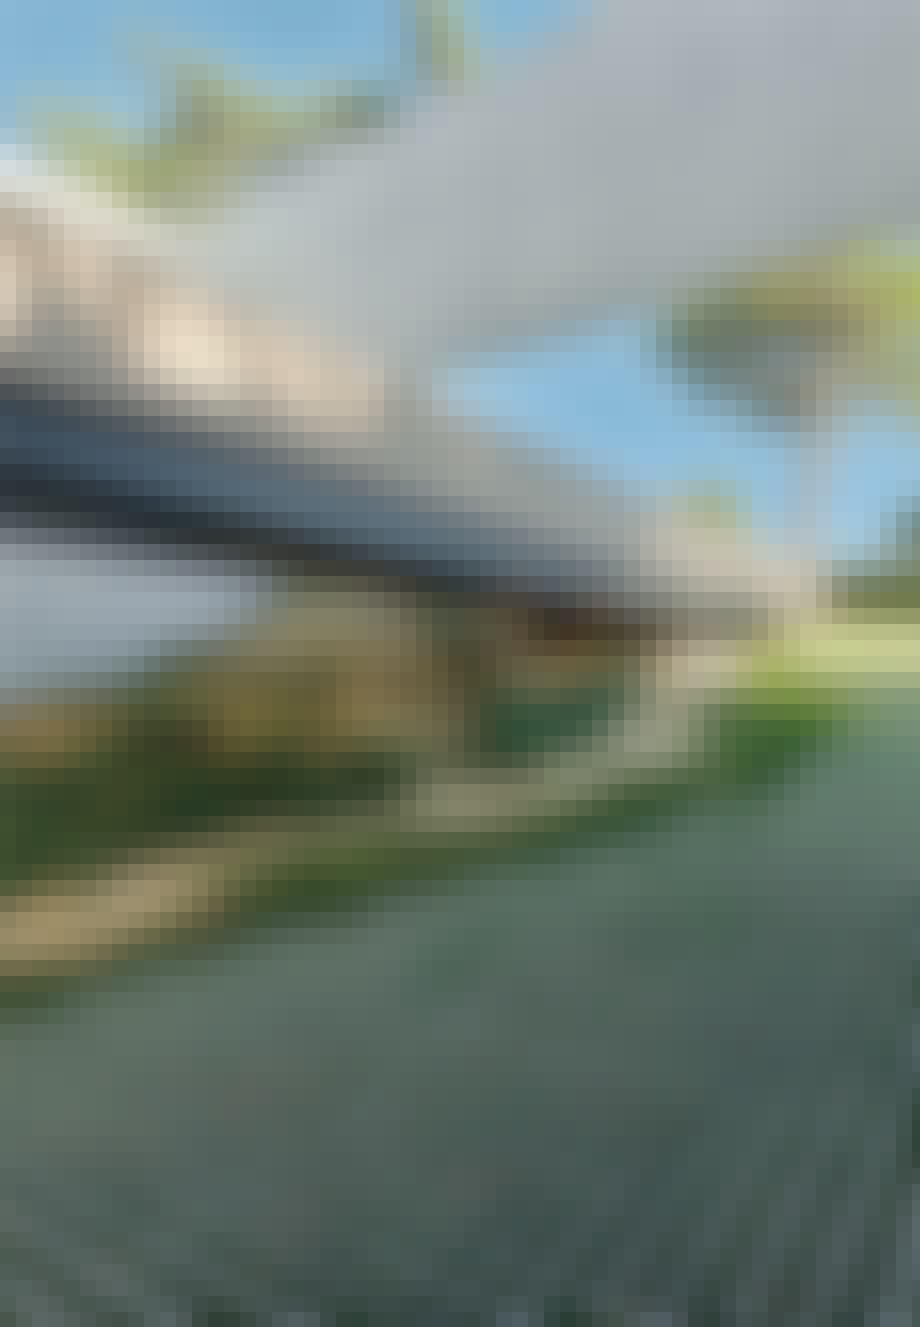 Opkørsel til huset med fliser og græs